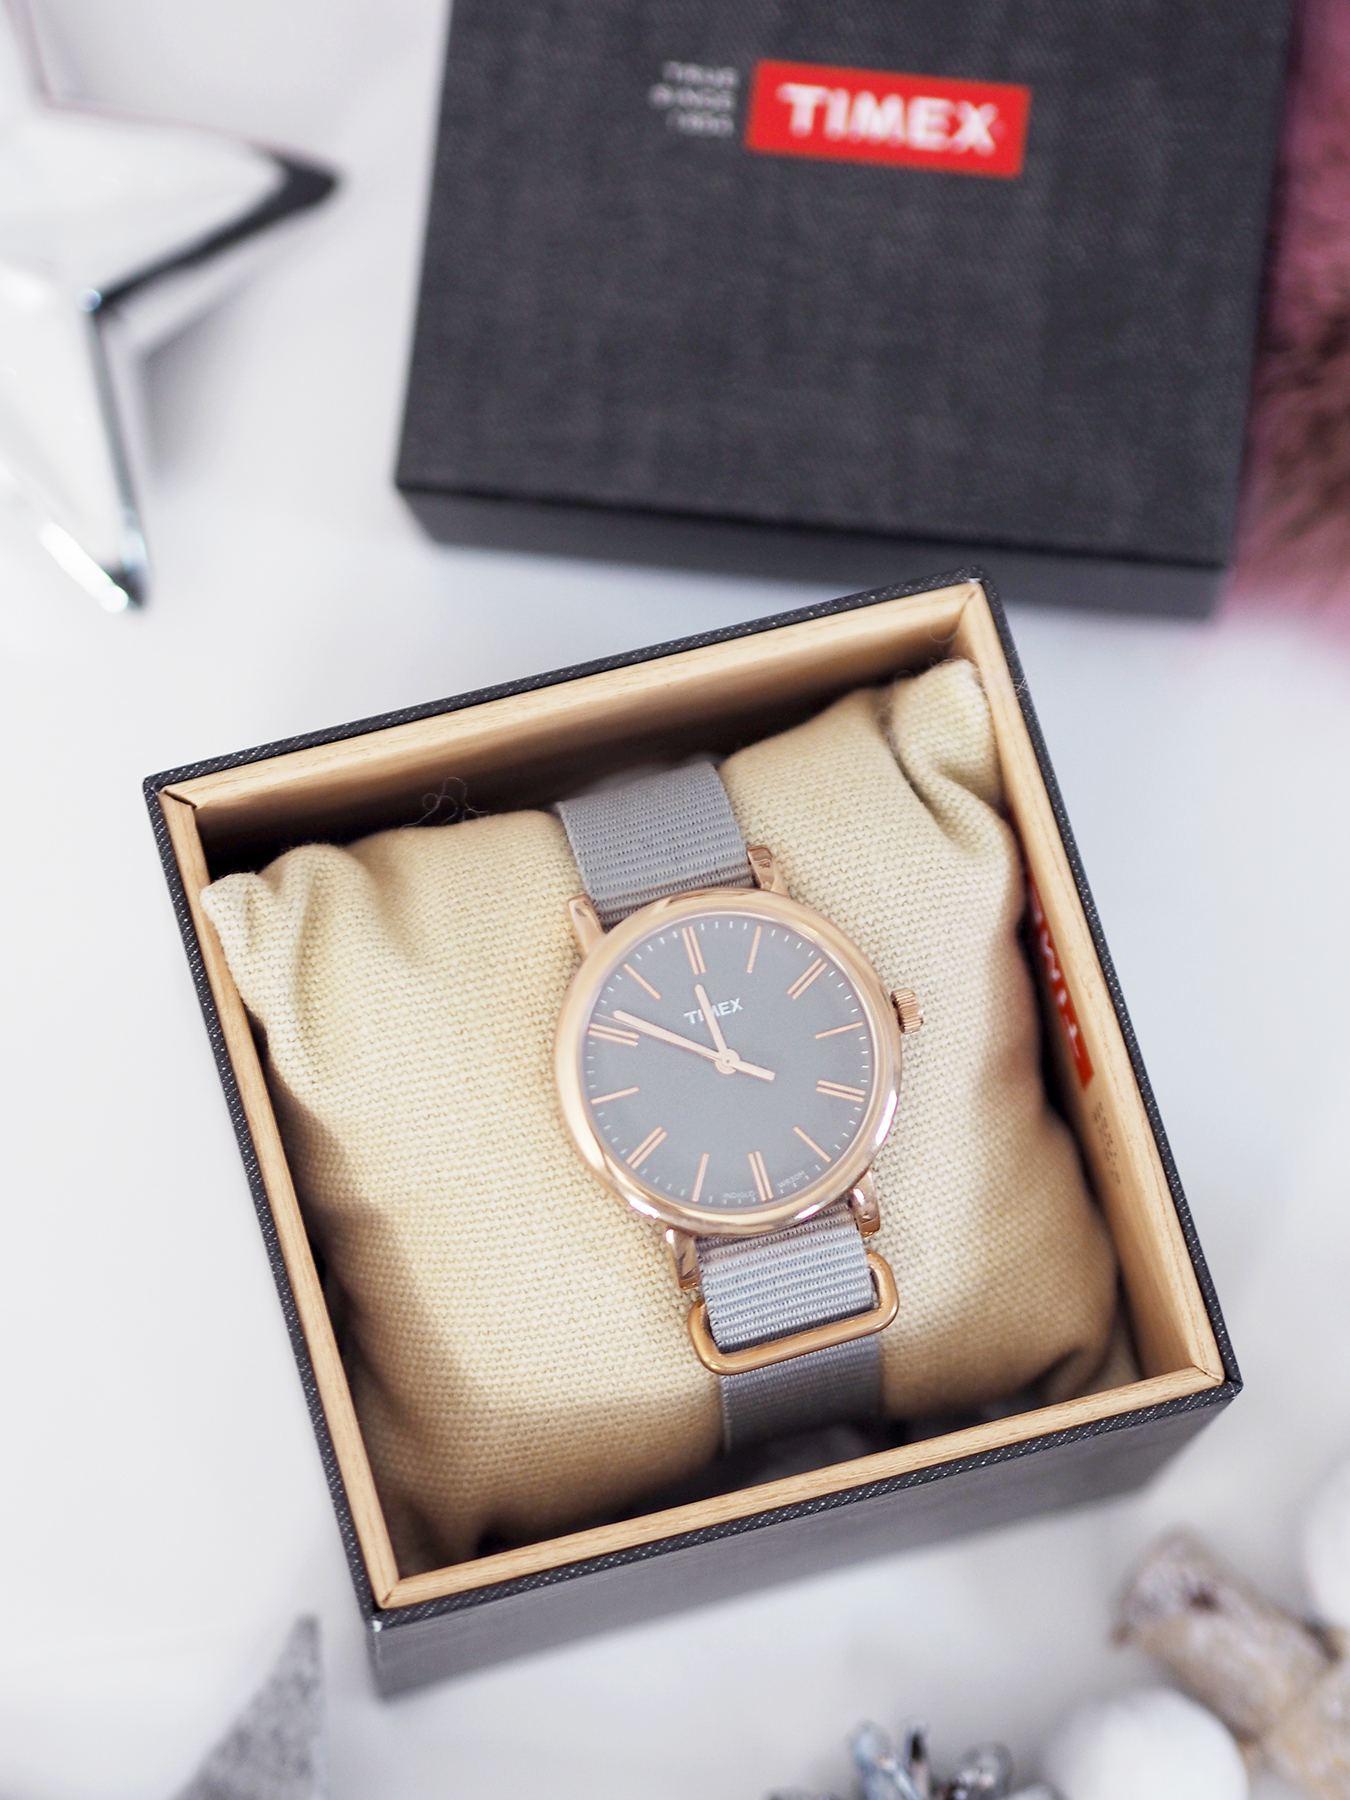 Timex tonal watch